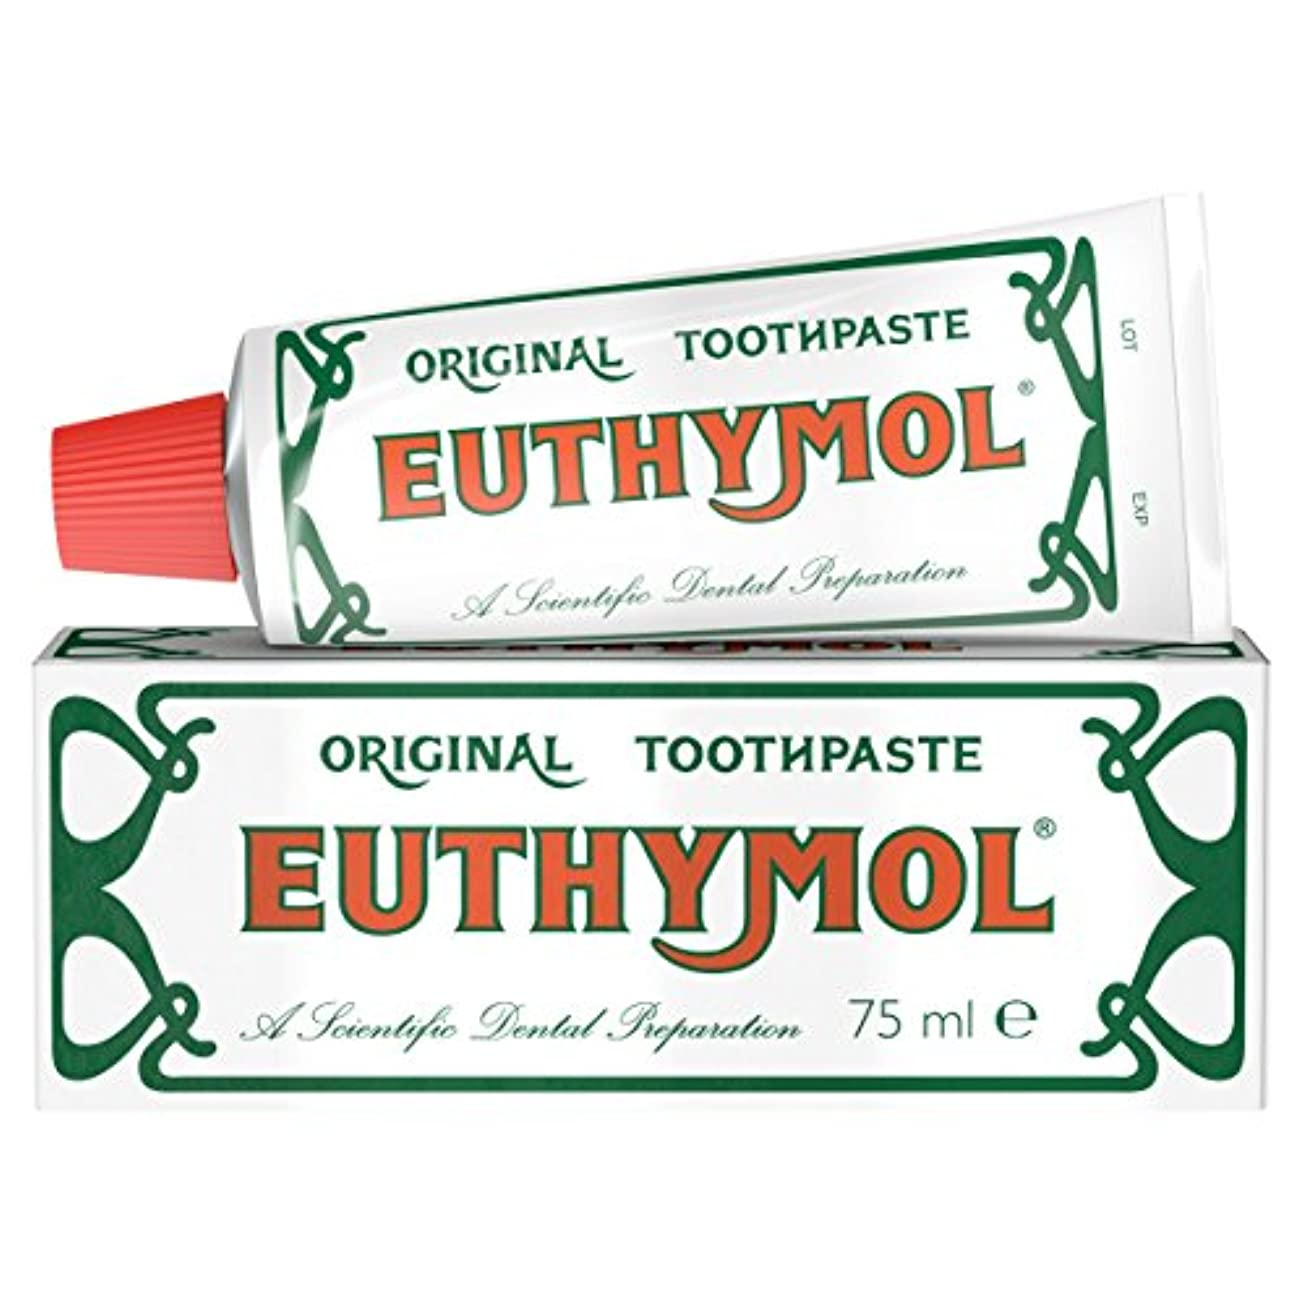 平和的ワイプレンズEuthymol オリジナル歯磨き粉 75ml 並行輸入品 Euthymol Original Toothpaste 75 Ml